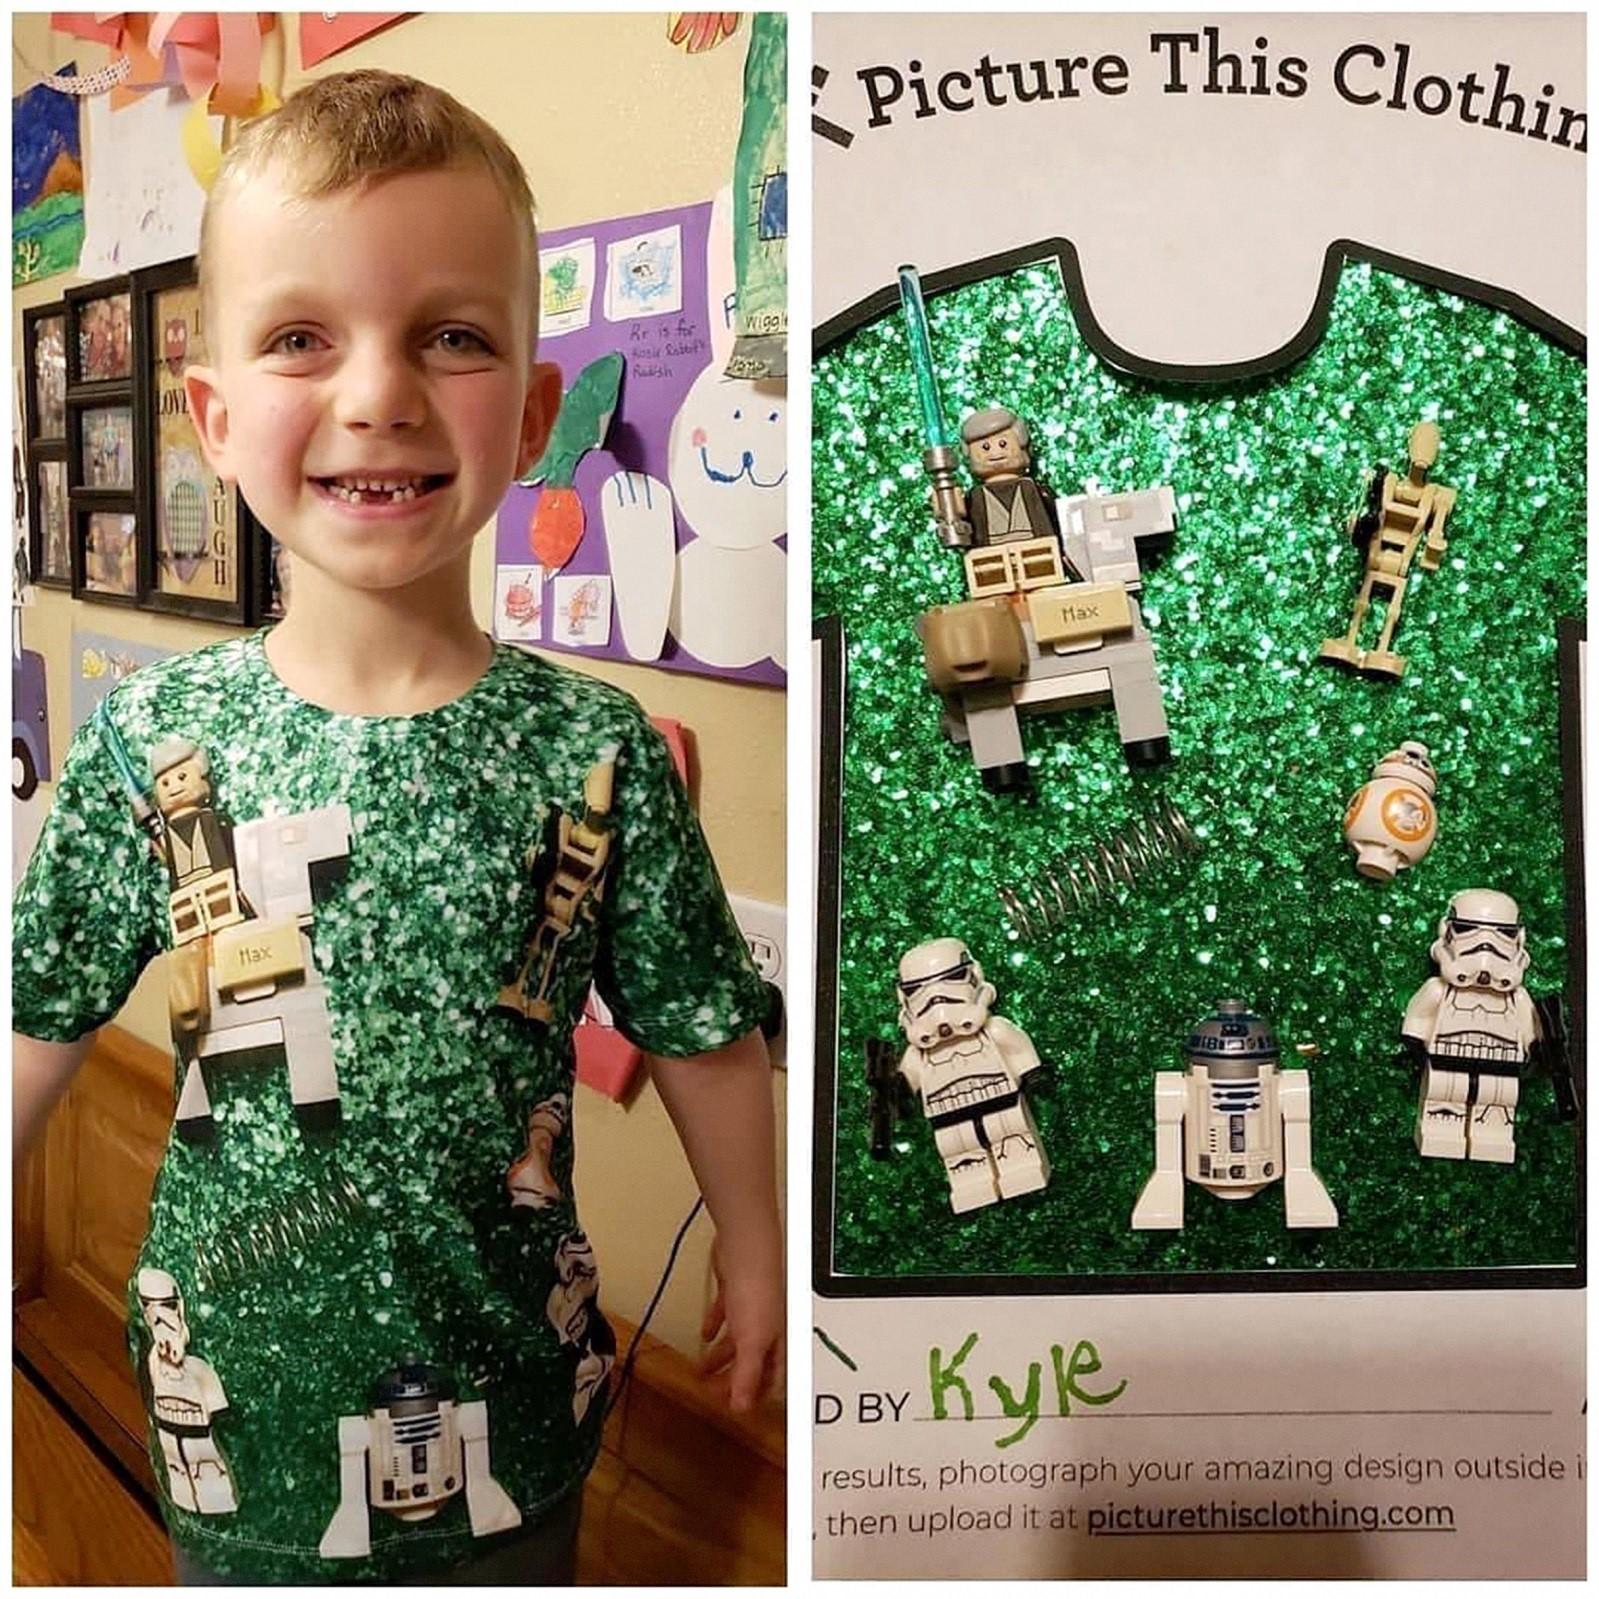 Как превратить детский рисунок в одежду? Идея для уникального бизнеса от дизайнера и мамы из Америки